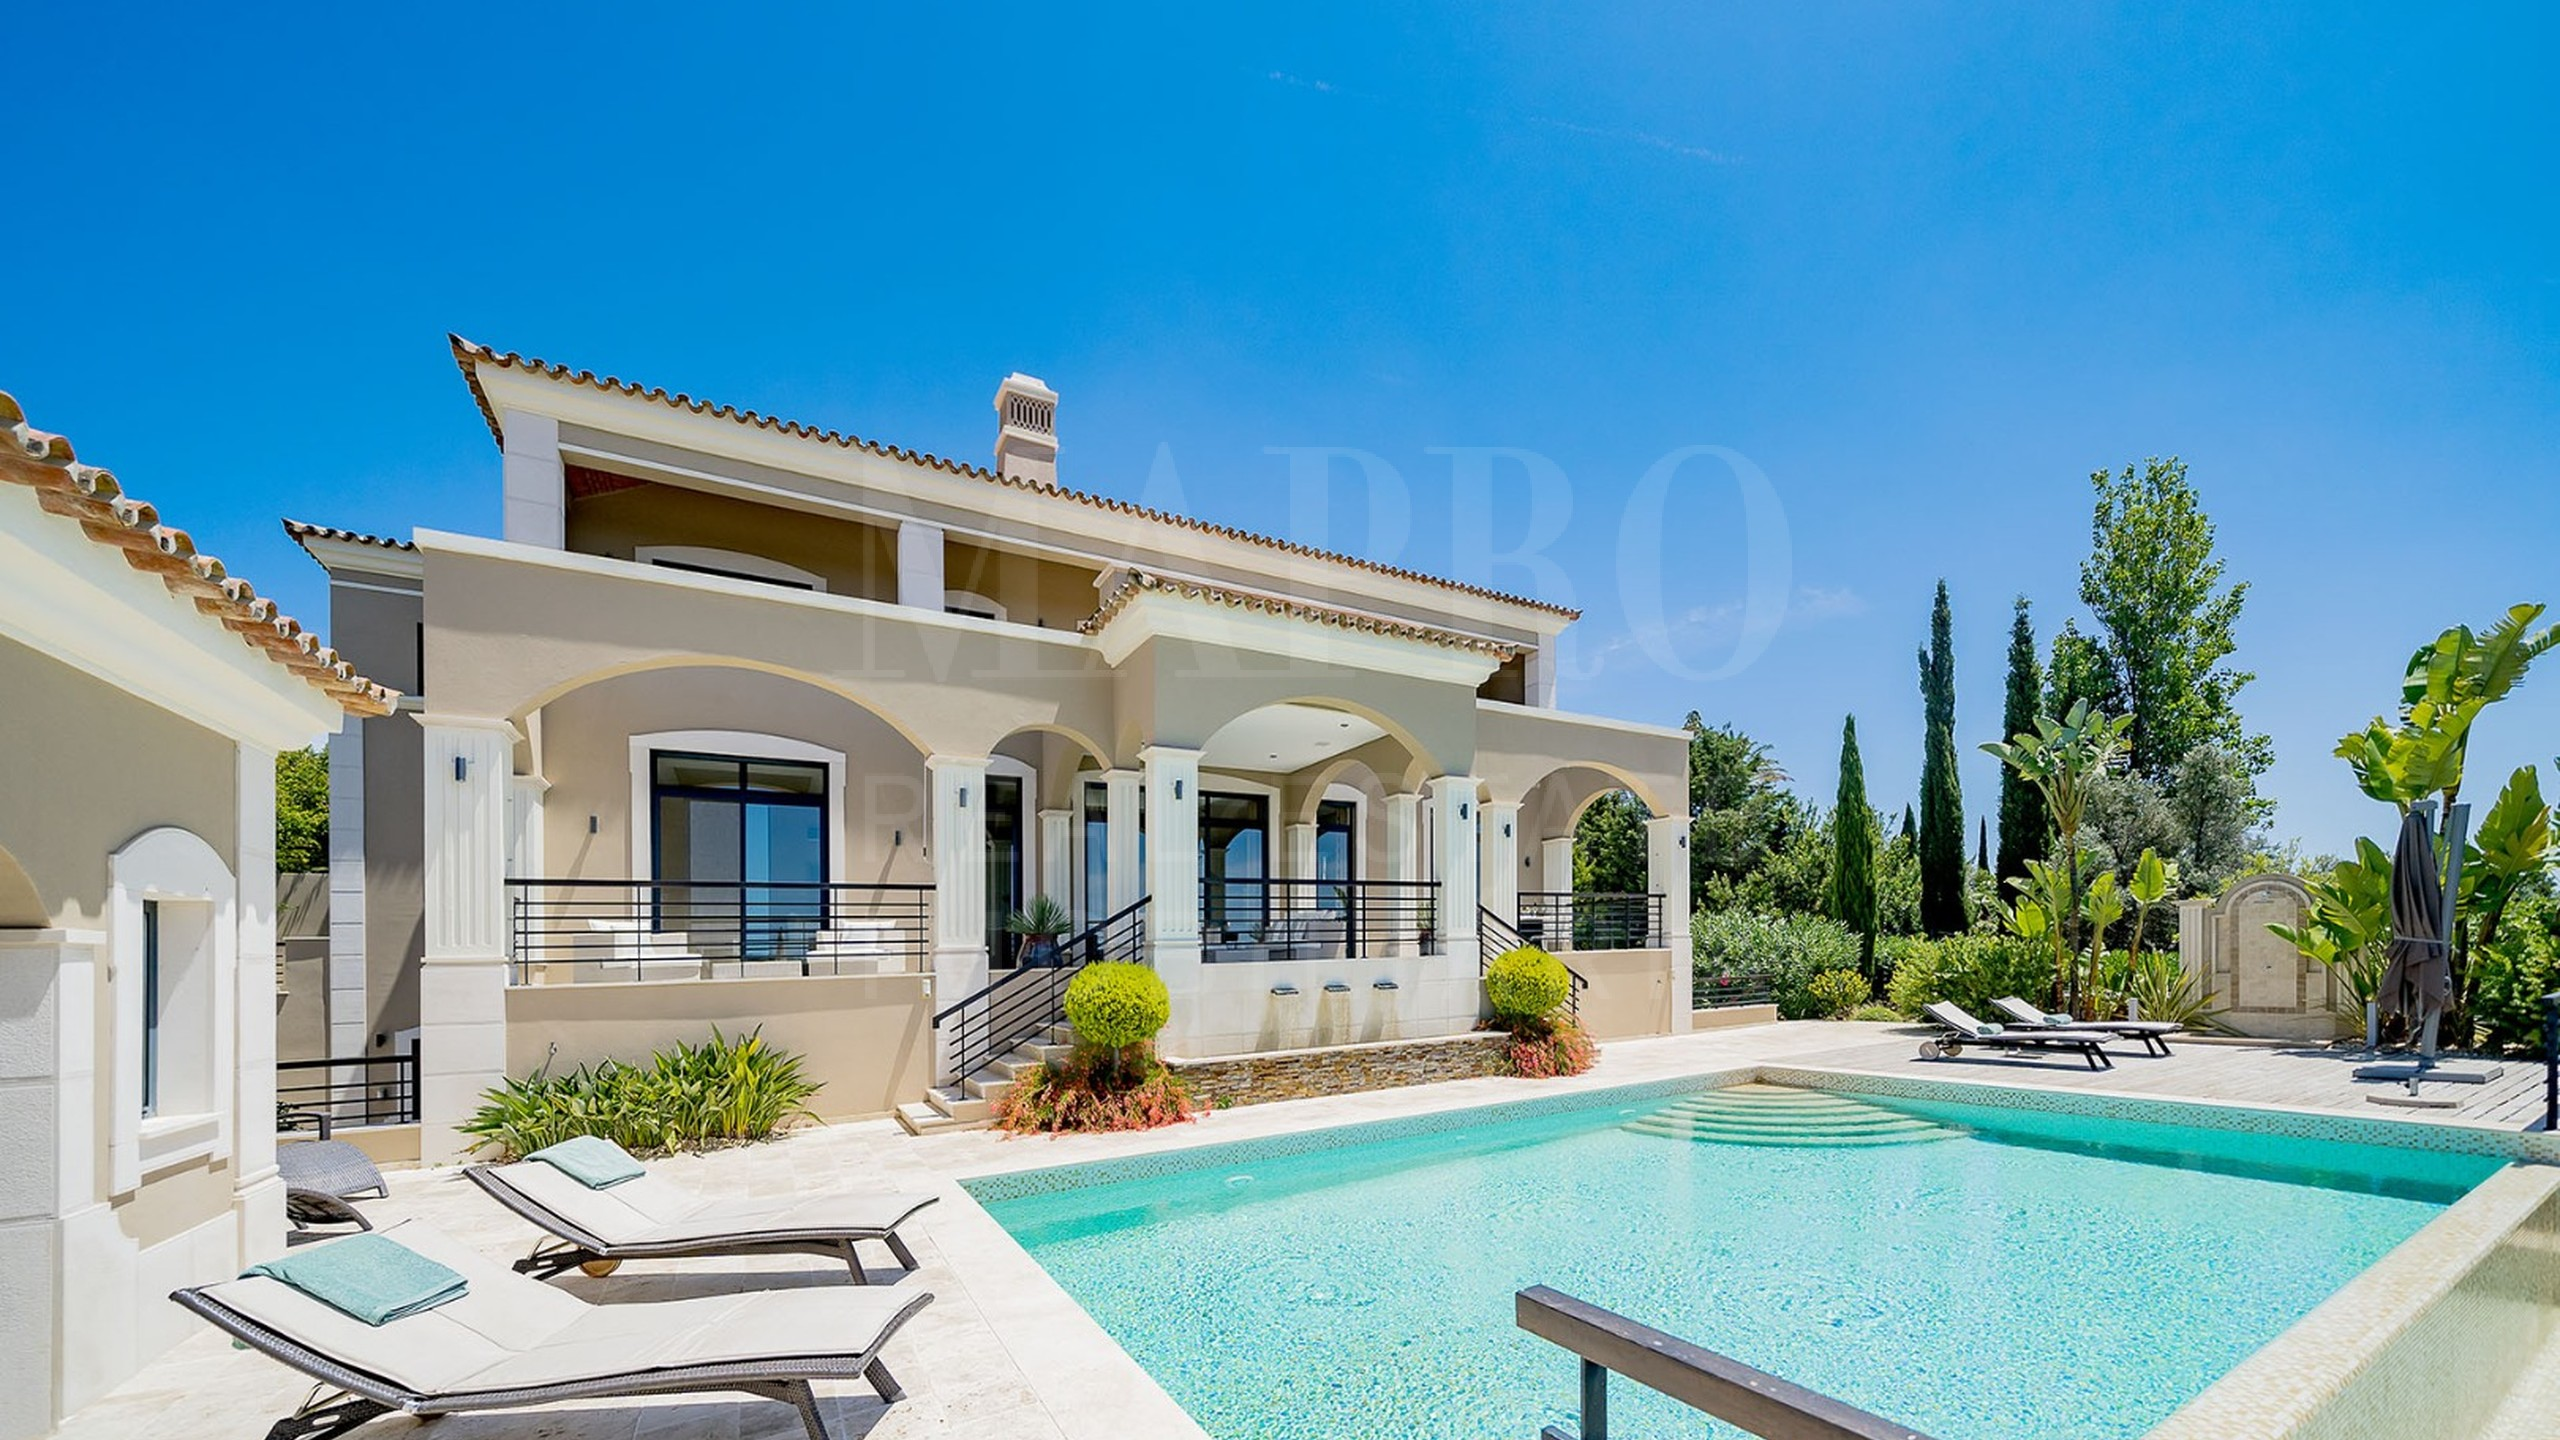 Villa de 4 + 1 chambres située dans le quartier de Vale Formoso